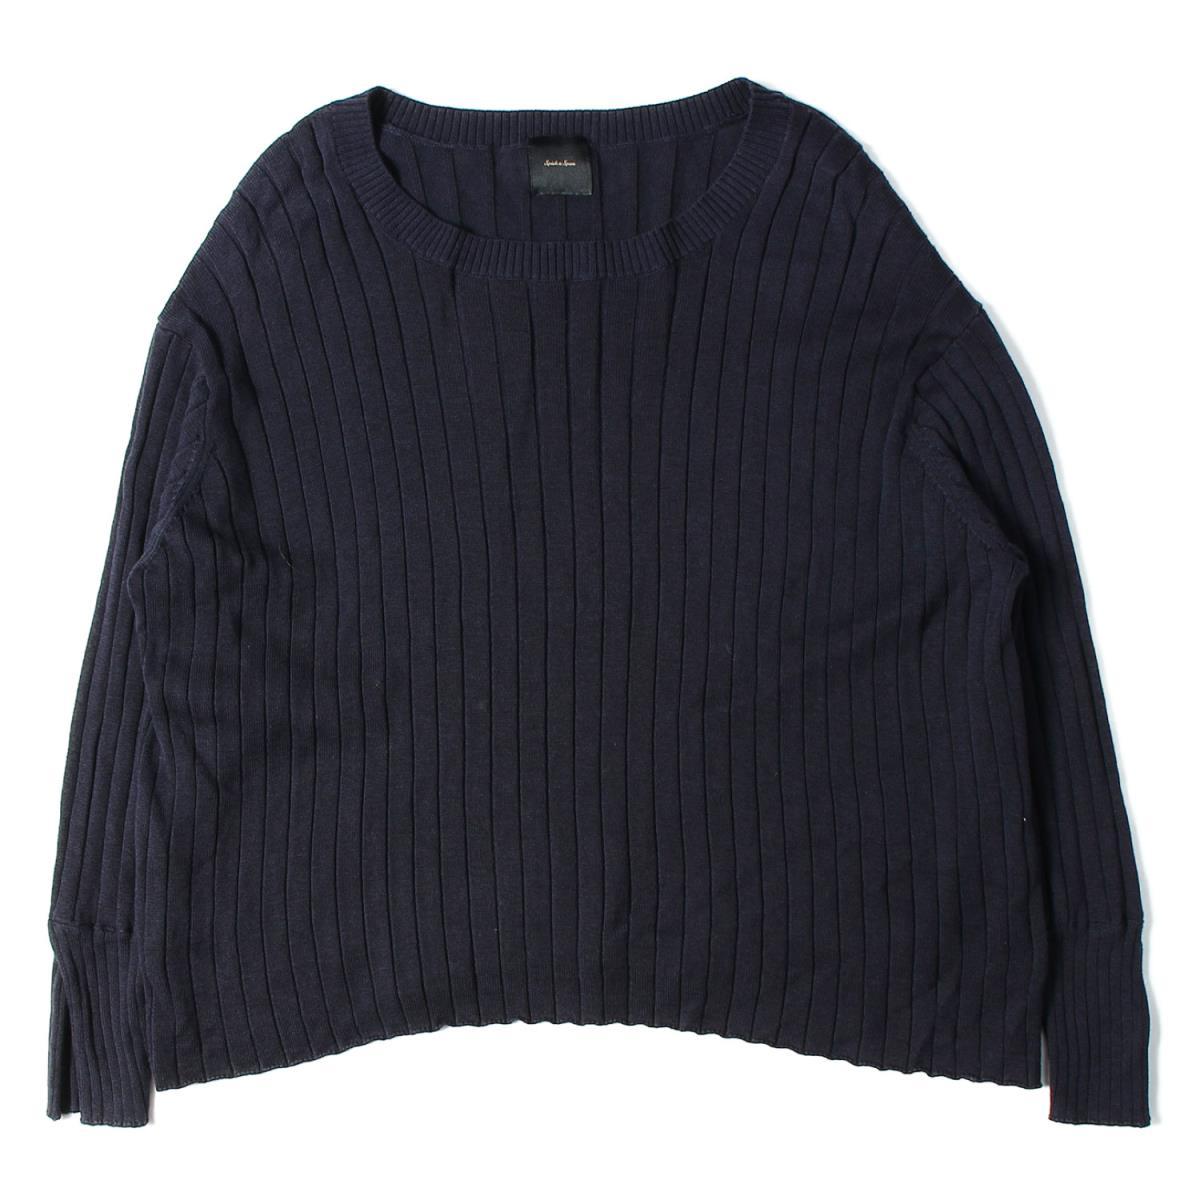 ニット・セーター, セーター SpickSpan() 19 K2851